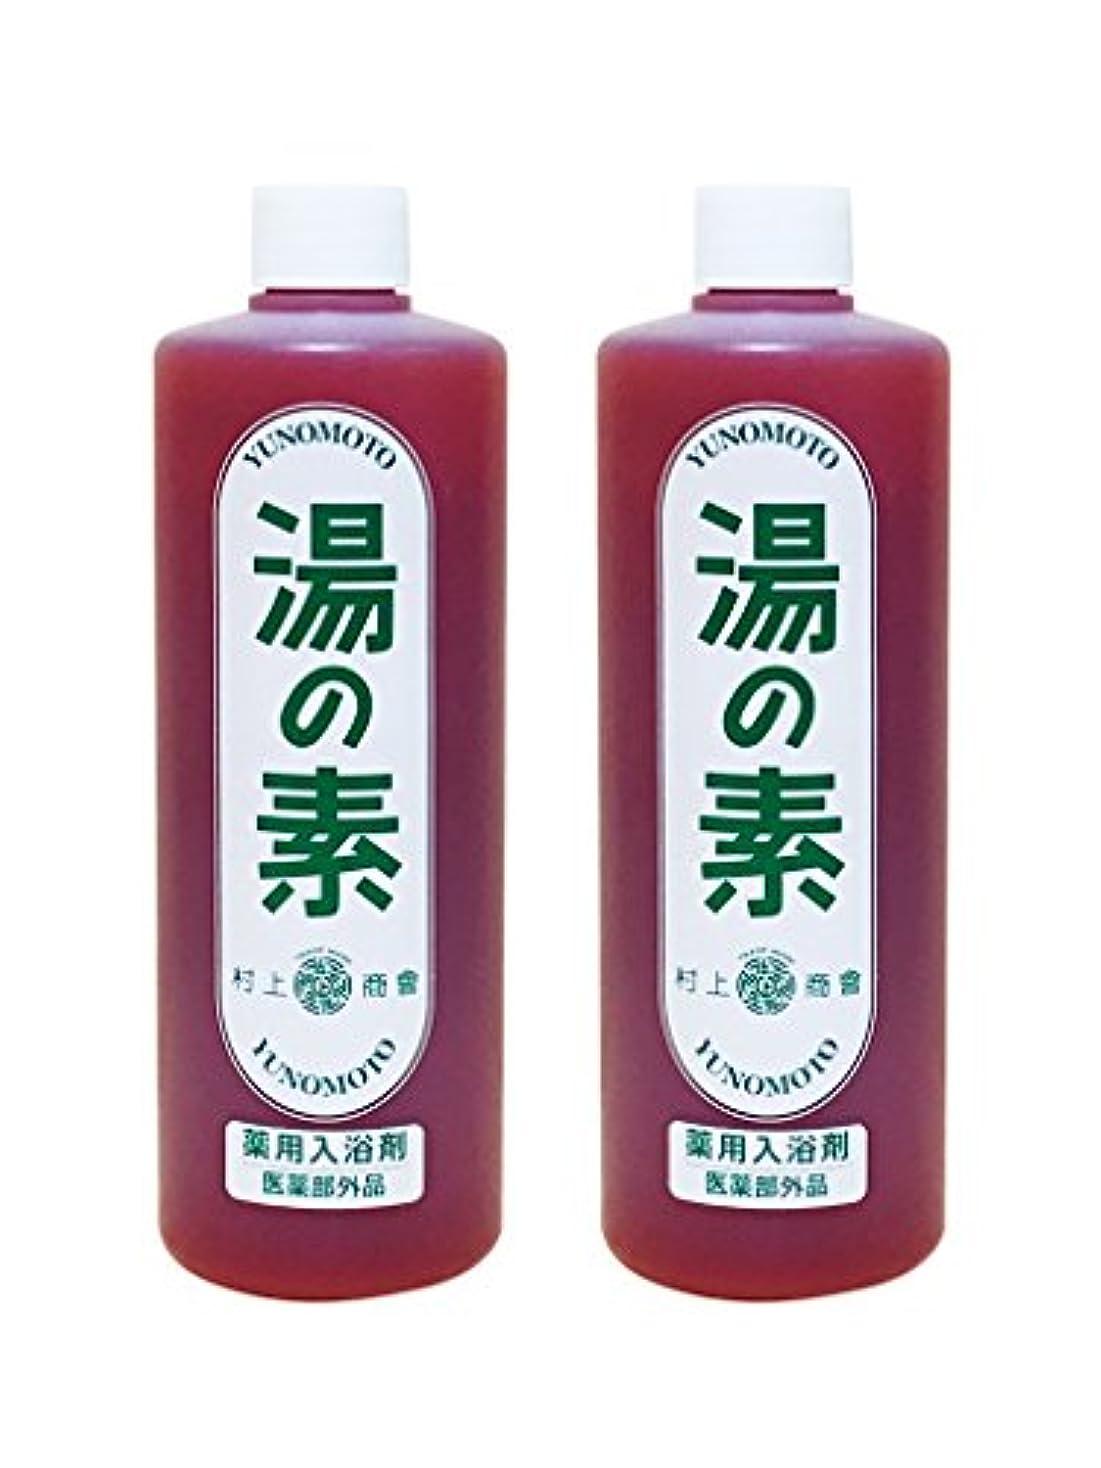 限られた軽減する外交官硫黄乳白色湯 湯の素 薬用入浴剤 (医薬部外品) 490g 2本セット